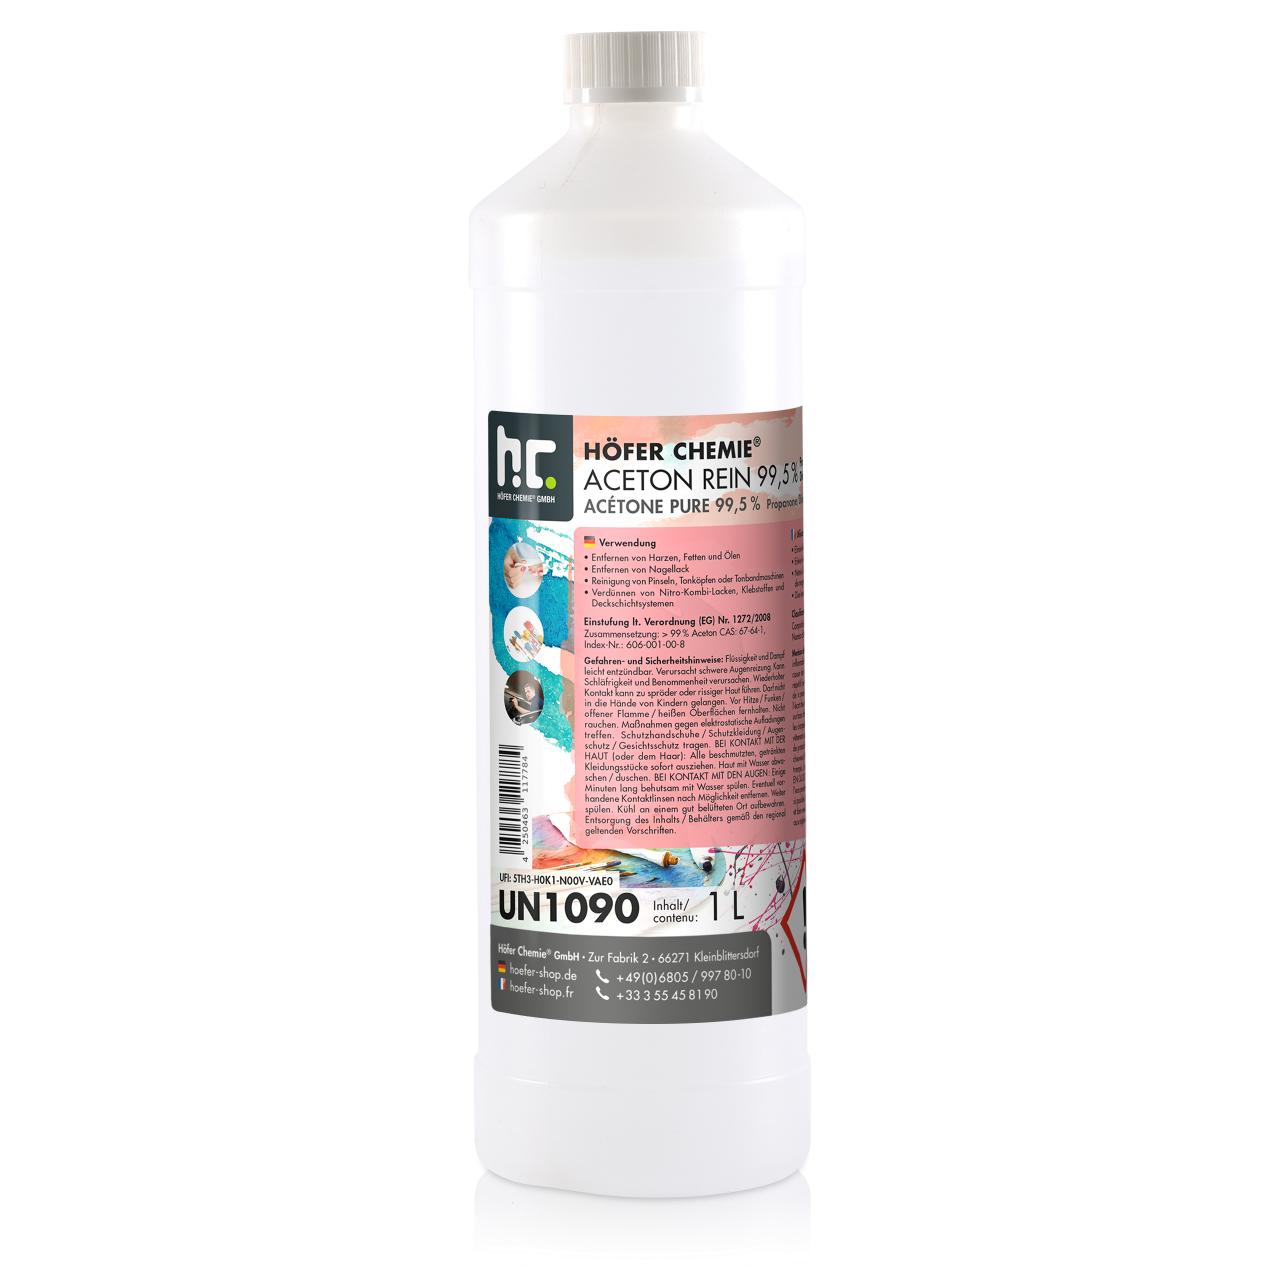 Höfer Chemie 1 l Acétone pur 99,5% (1 x 1 l)